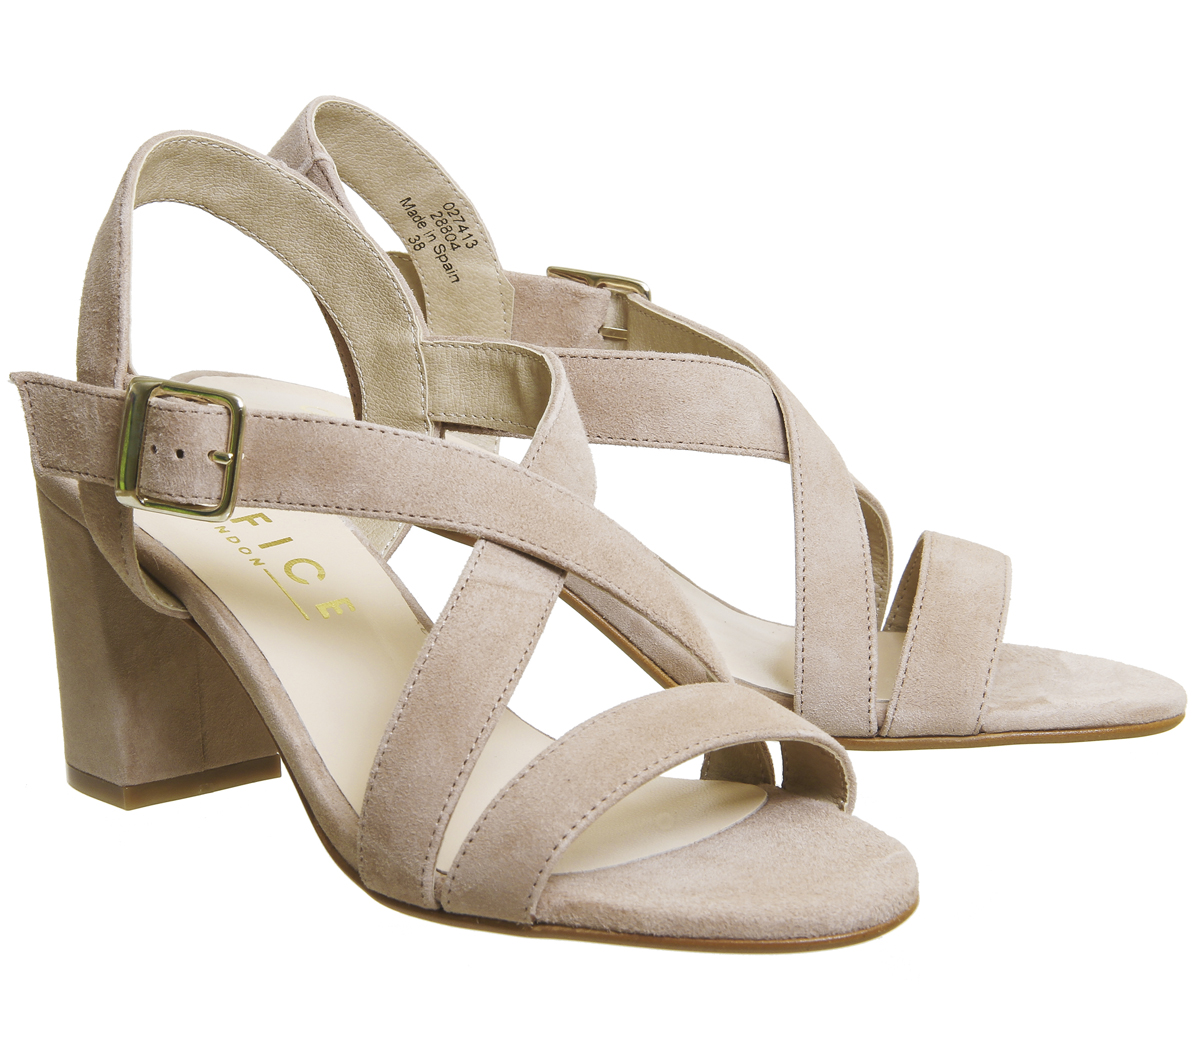 Womens Office Marshmallow Block Heel Heels Sandals NUDE KID SUEDE Heels Heel 1beadd